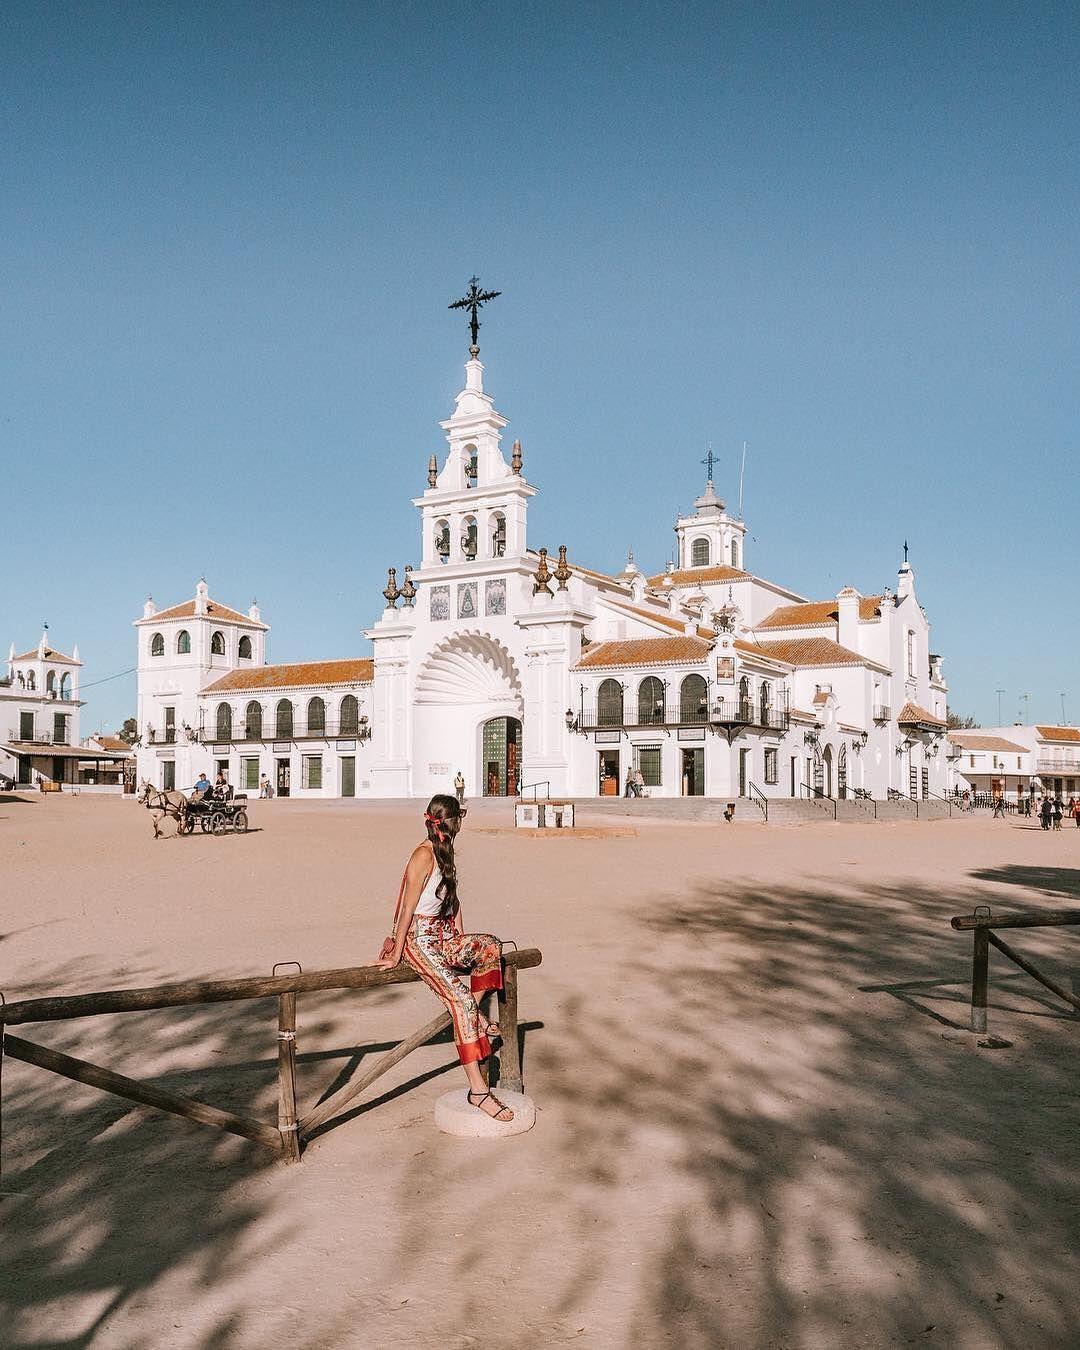 Huelva de fondo